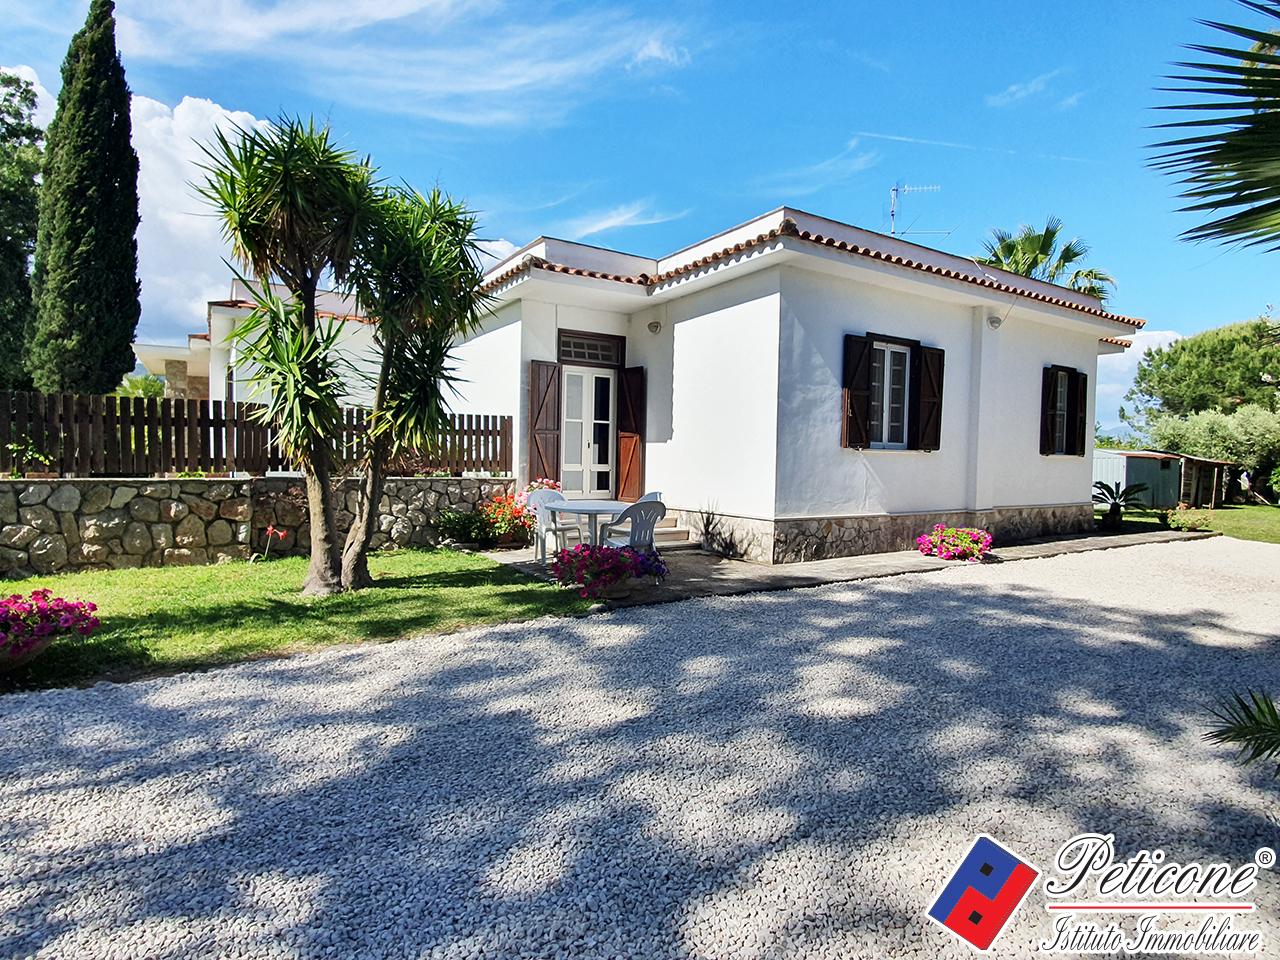 Villa in affitto a Fondi, 3 locali, zona Località: SaltodiFondi, Trattative riservate | PortaleAgenzieImmobiliari.it